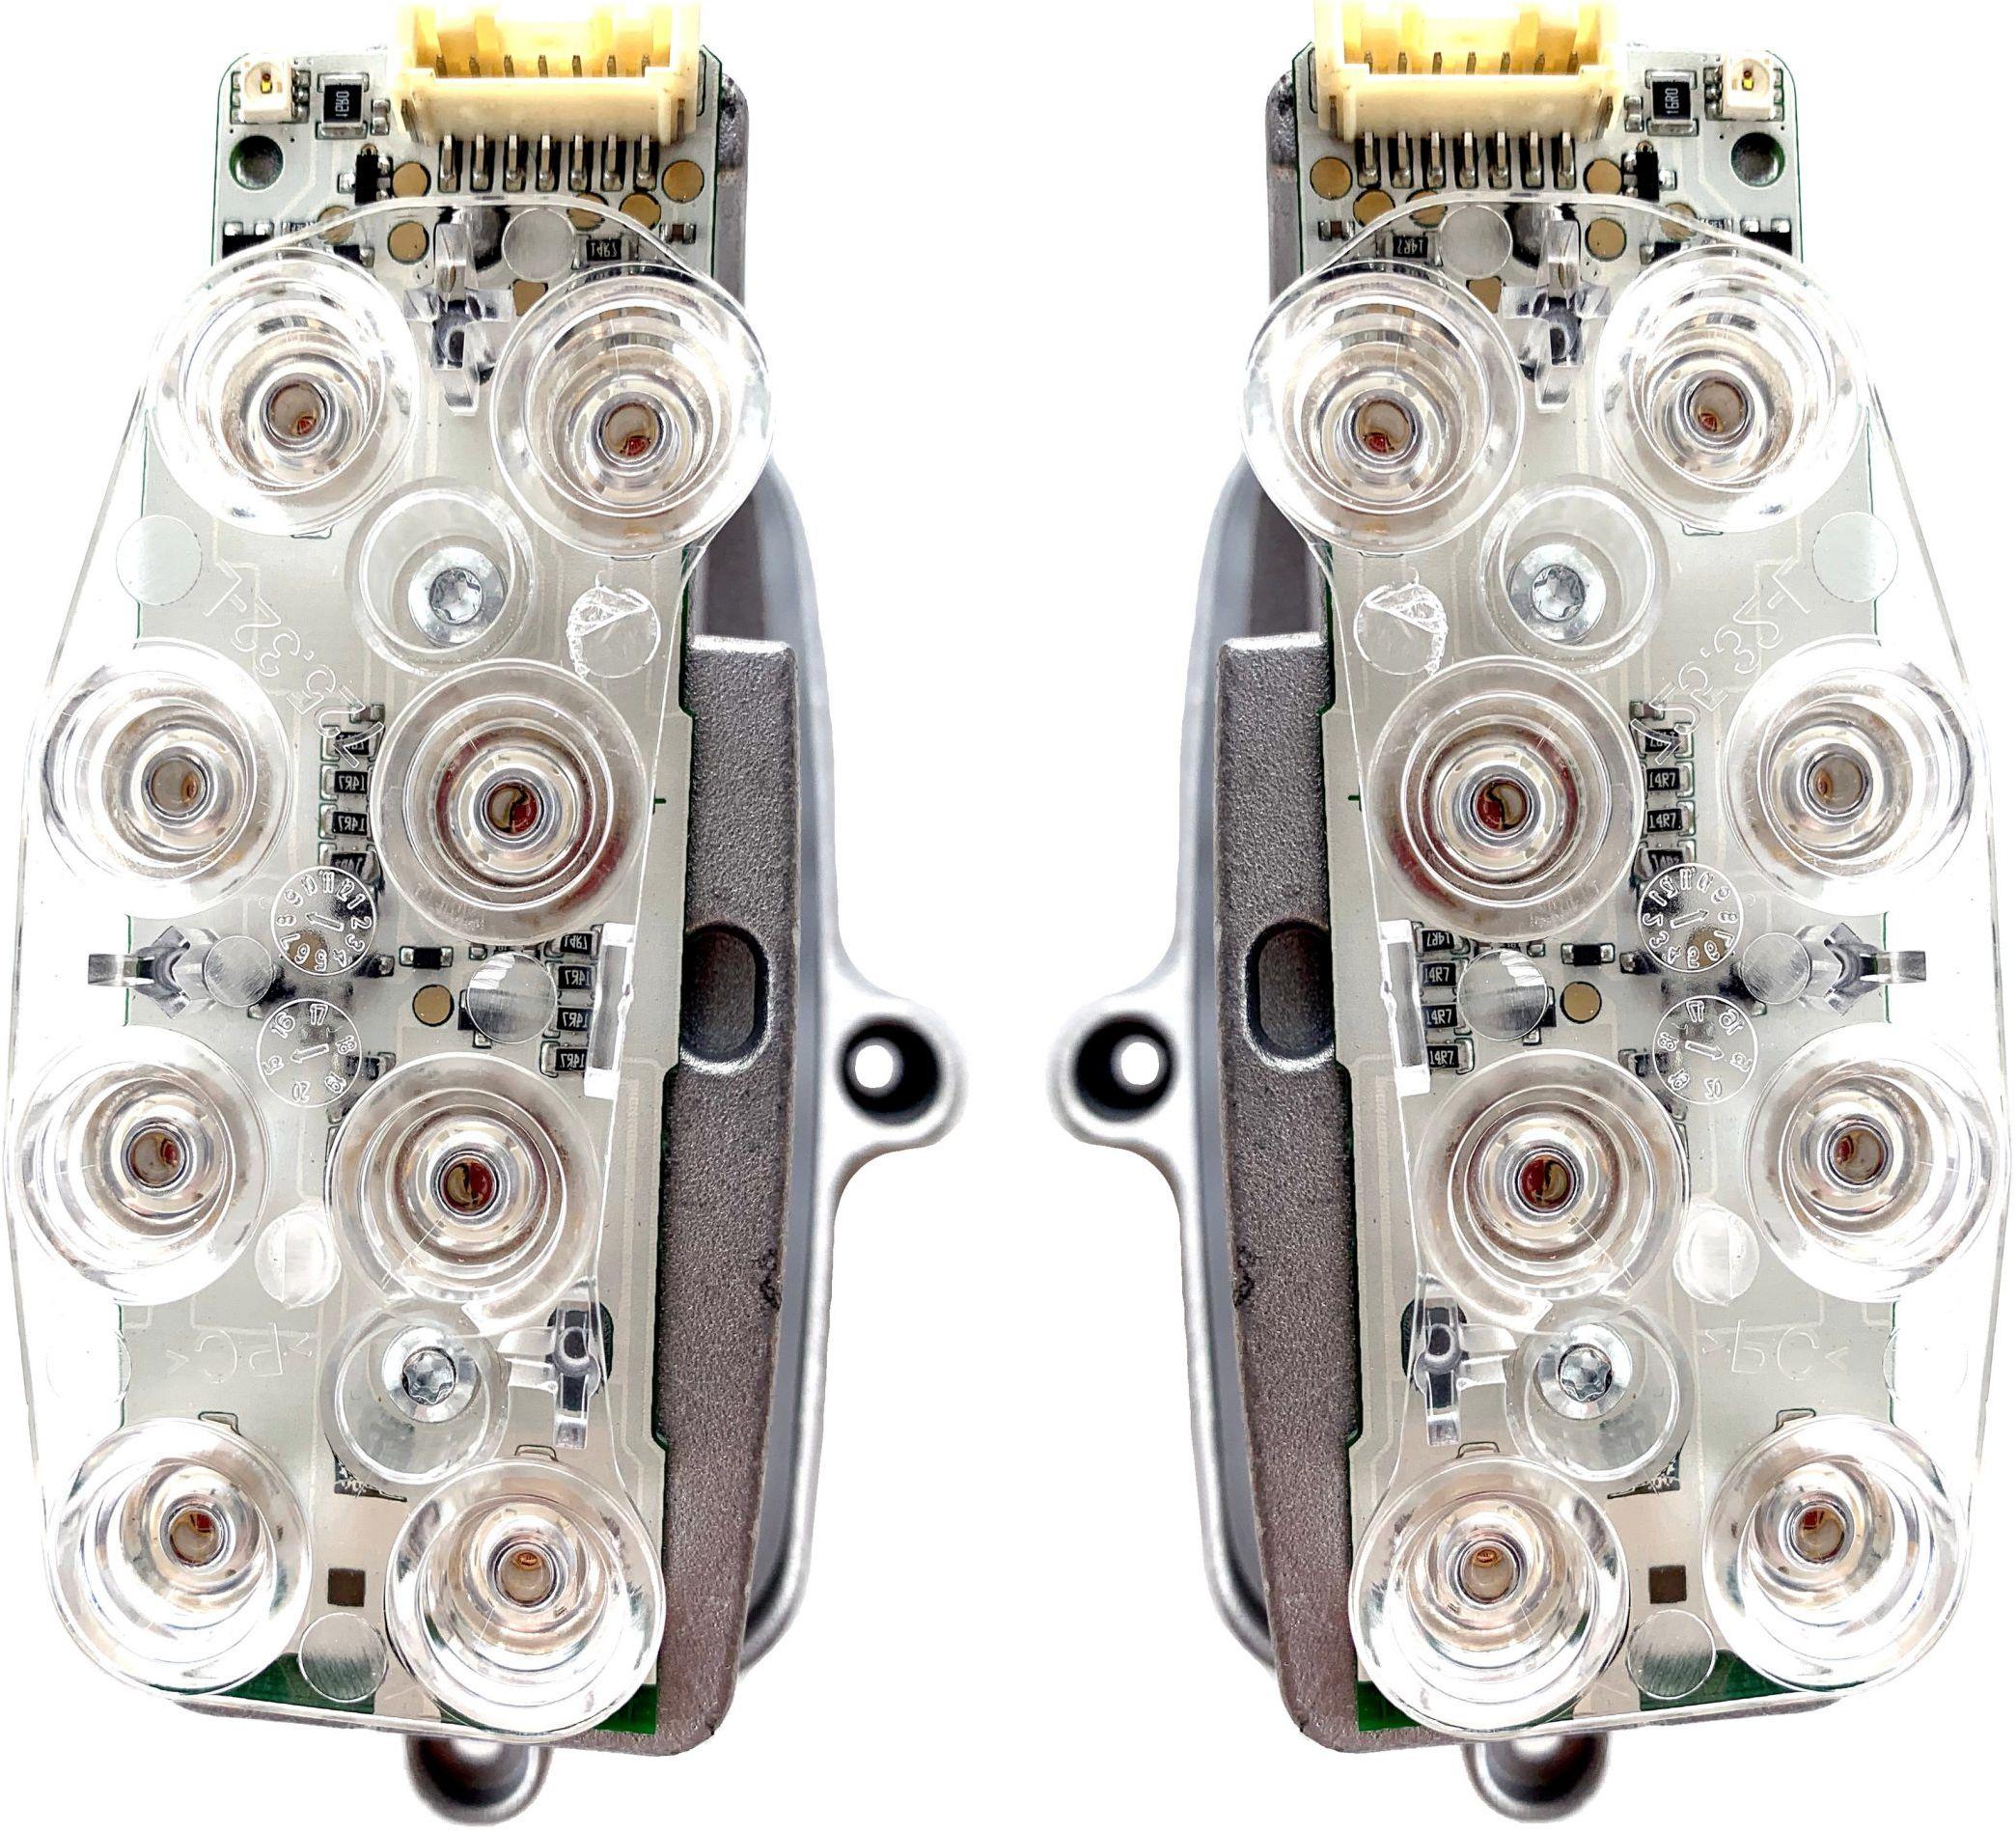 2x Nowy Kierunkowskaz Moduł Kierunkowskazy LED Do Reflektorów Xenon BMW 7 F01 F02 F03 LCI 7339058